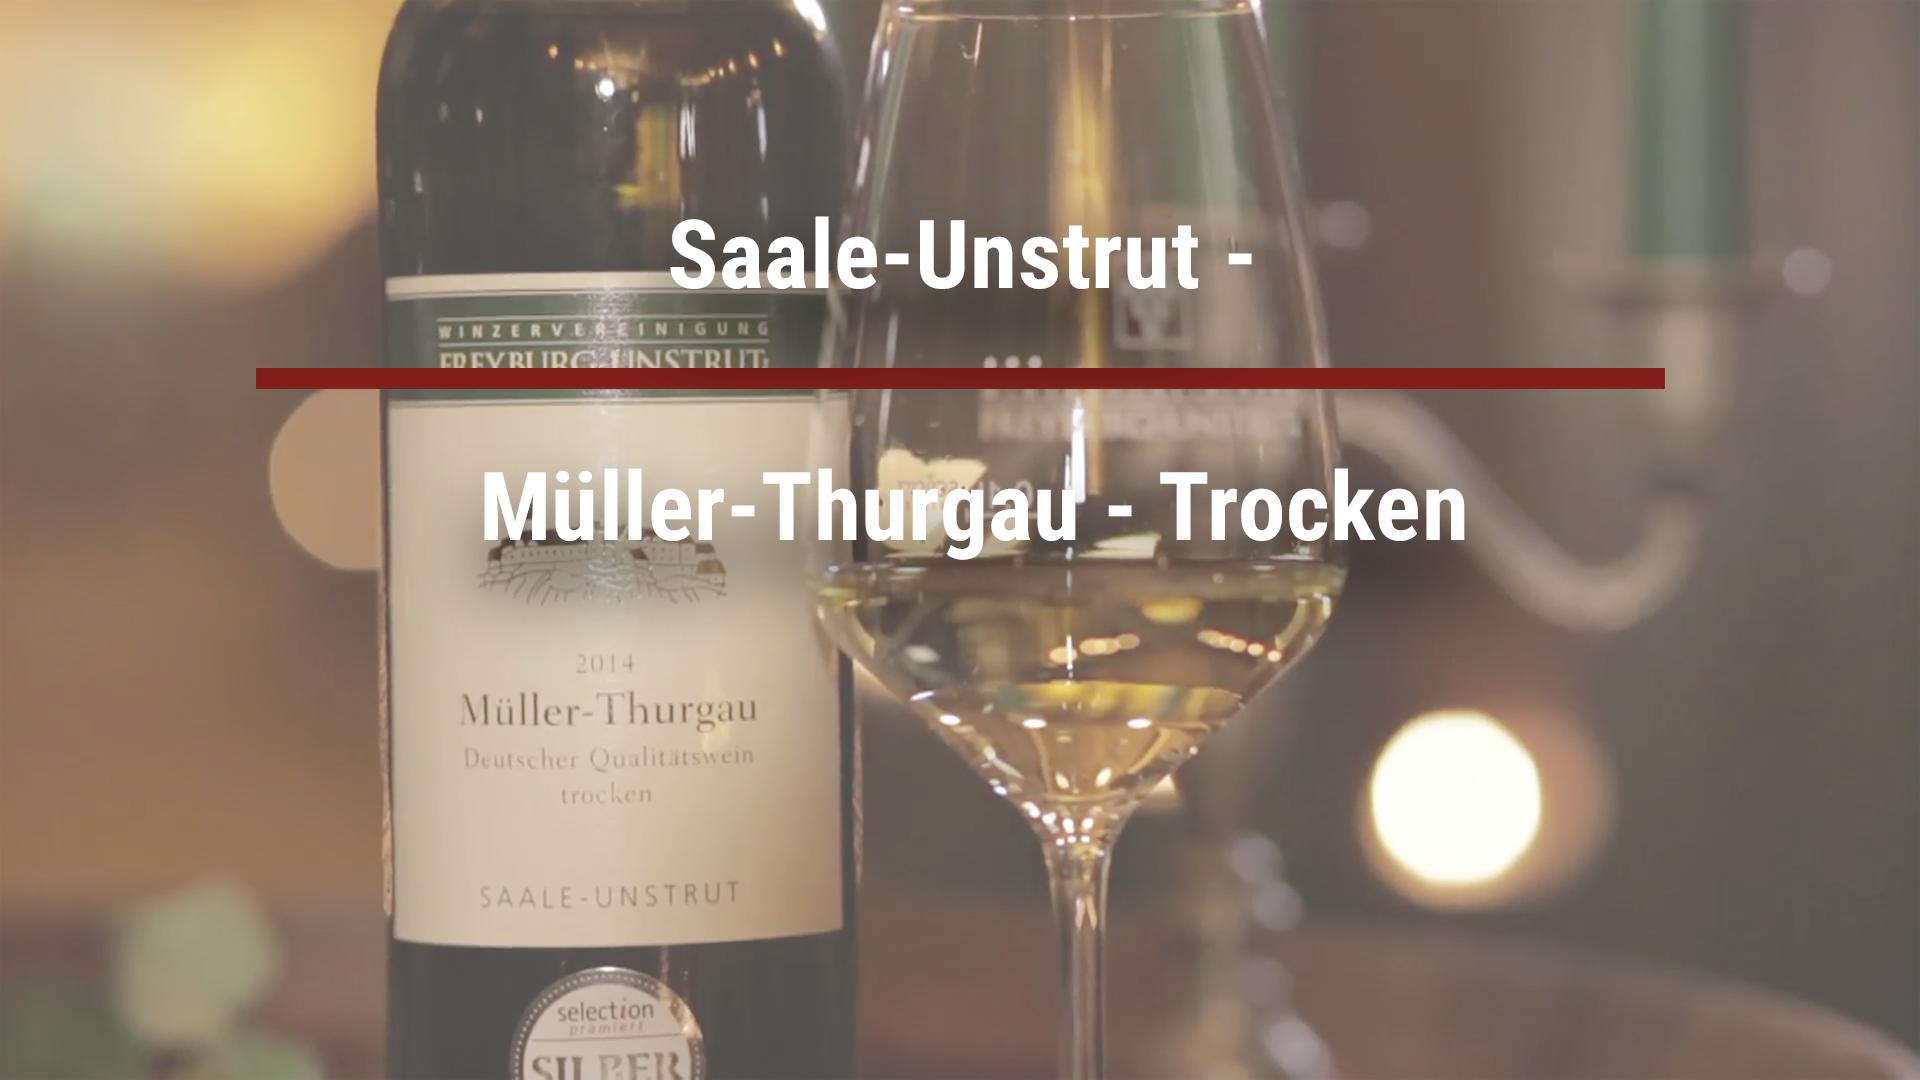 Saale-Unstrut – Müller-Thurgau – dry